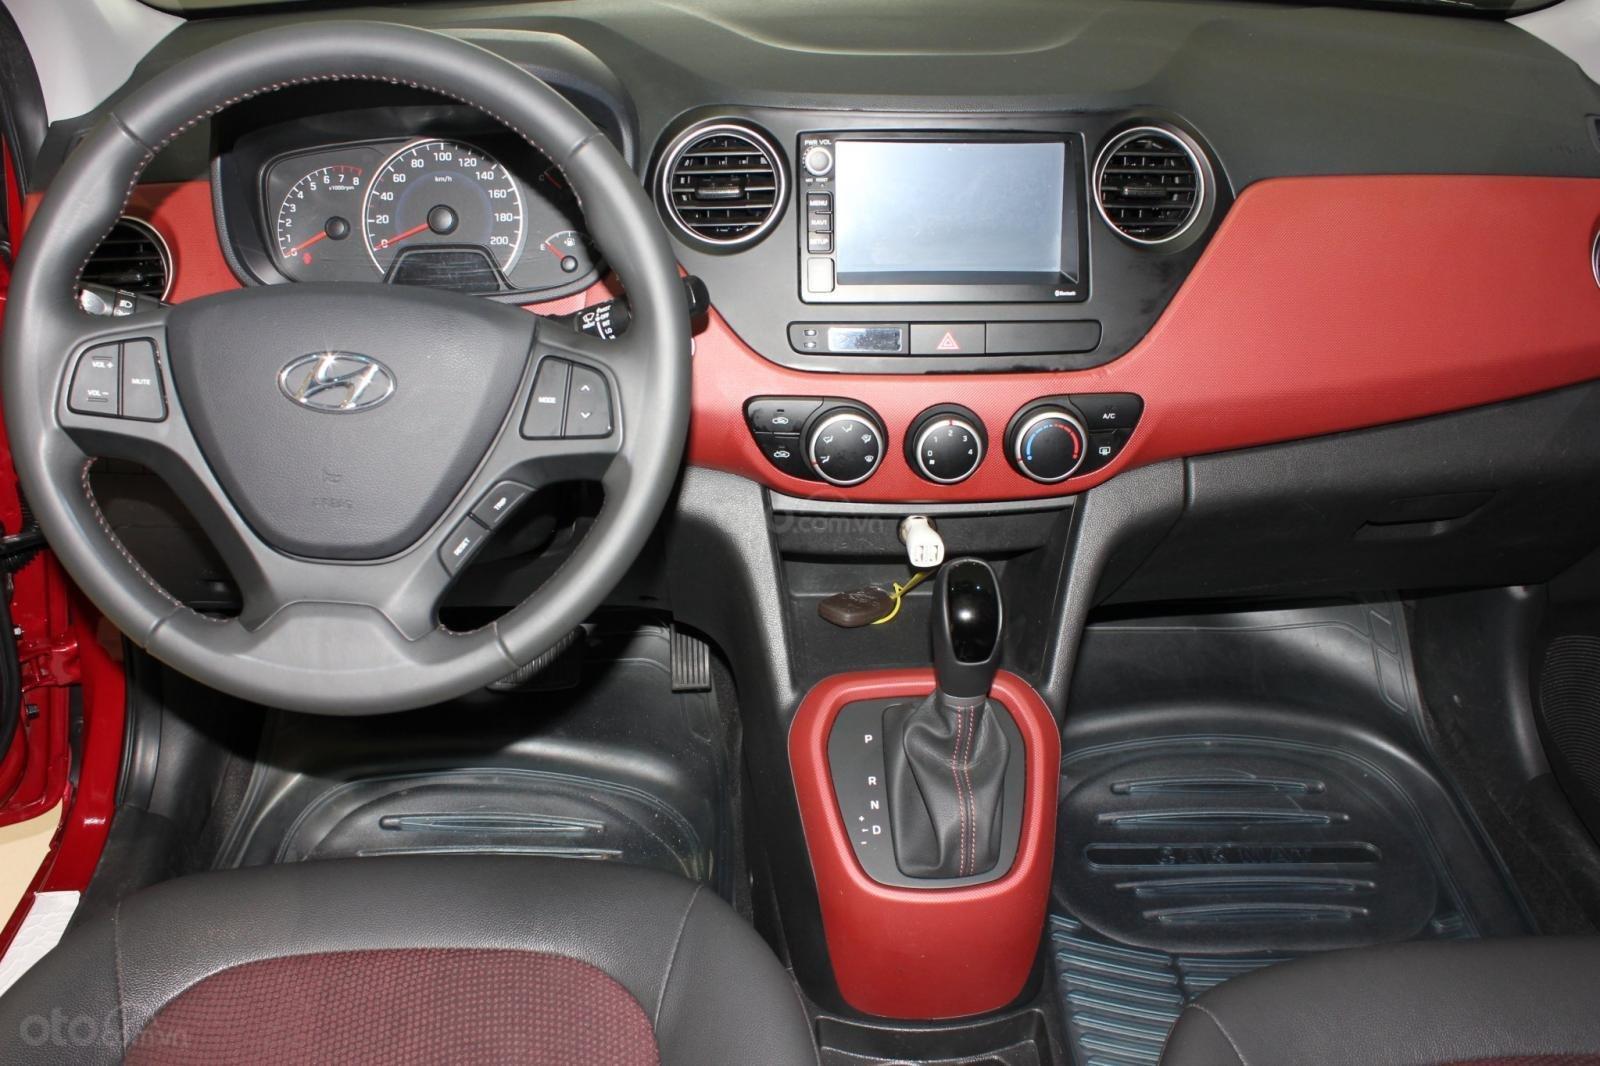 Hot hot hốt ngay Hyundai Grand i10 với giá cực hót và quà tặng hấp dẫn-9